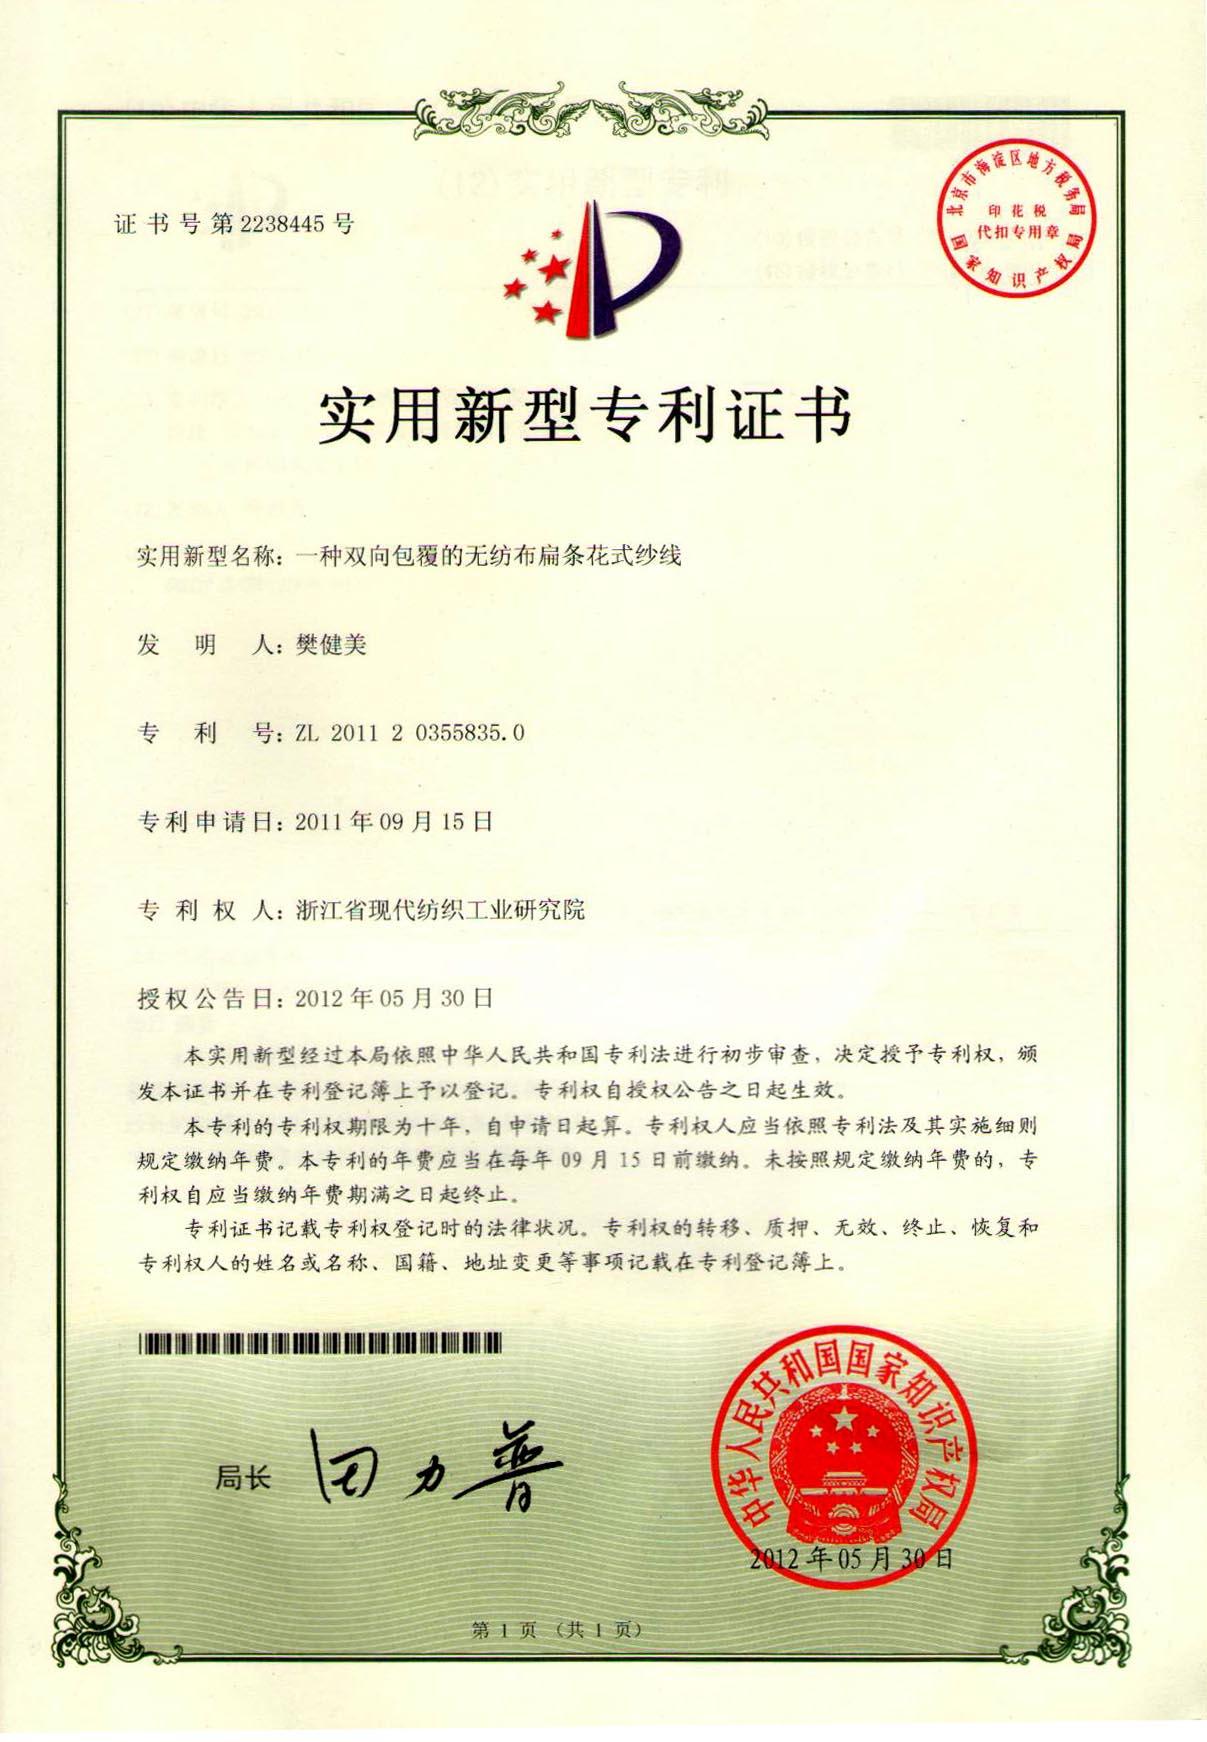 实用新型专利证书(无纺布扁条花式纱线)